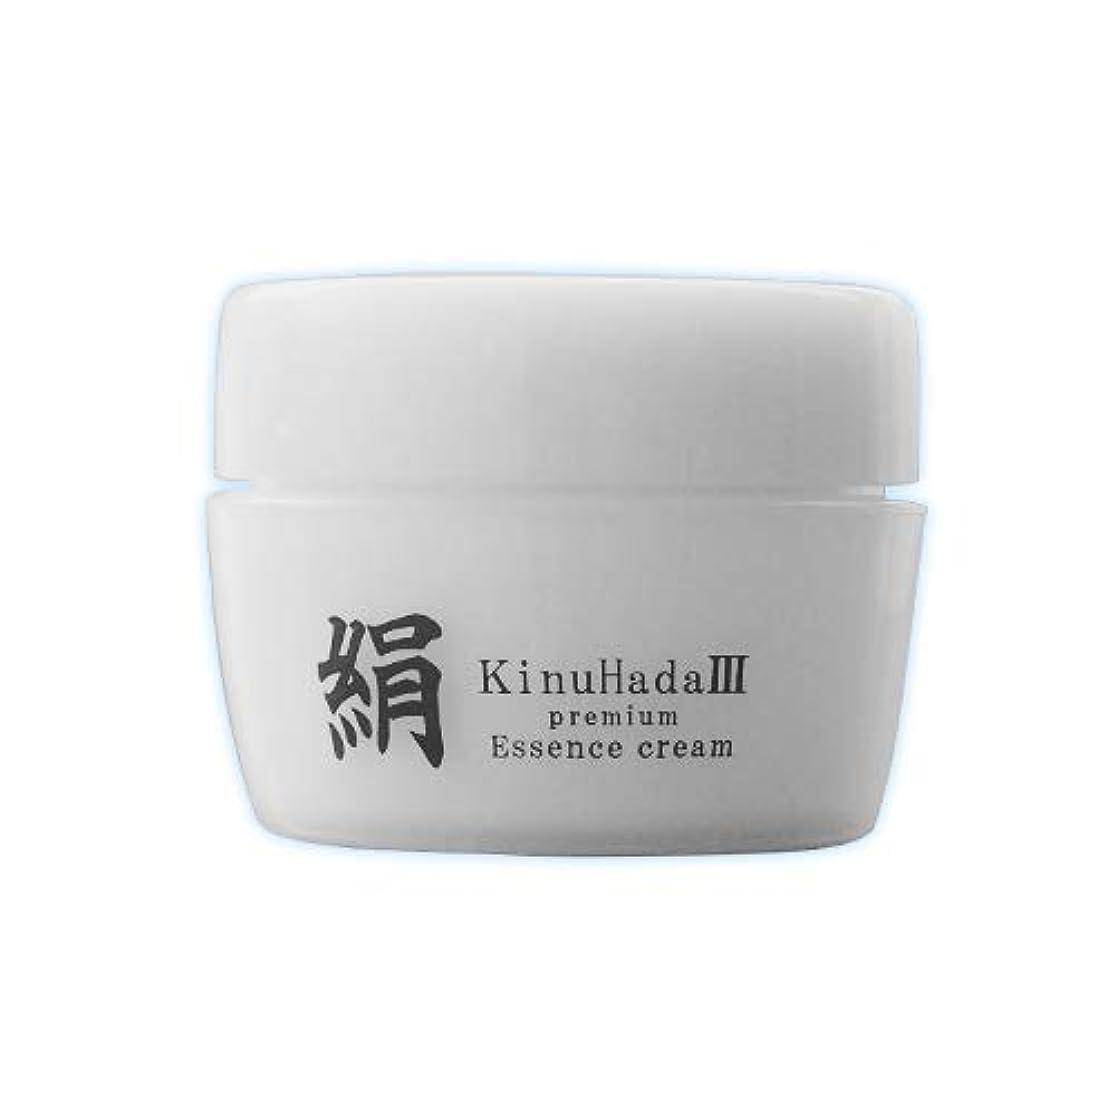 割り込み送った永遠にKinuHada 3 premium 60g オールインワン 美容液 絹